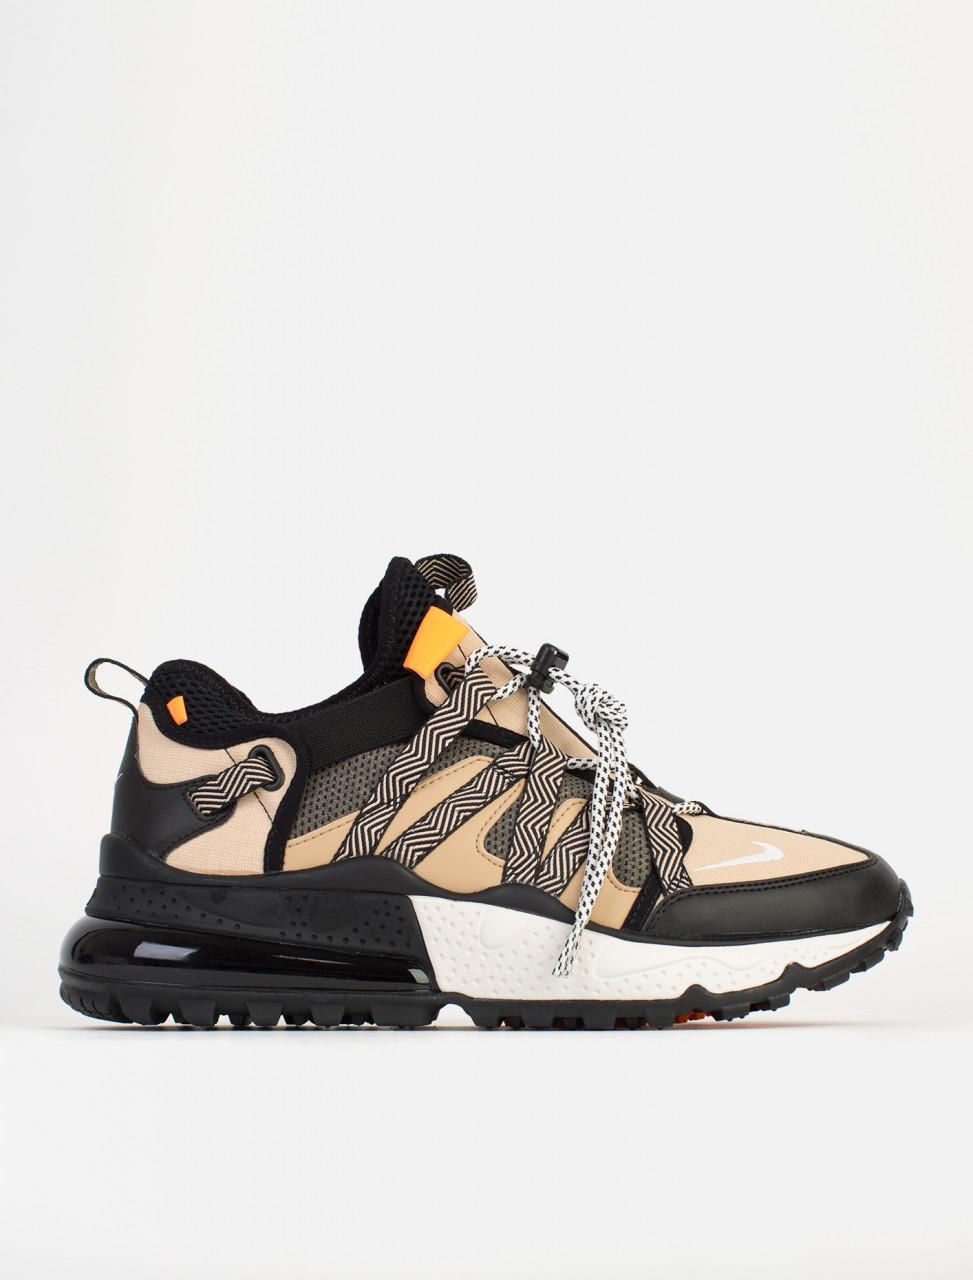 Air Max 270 Bowfin Sneaker